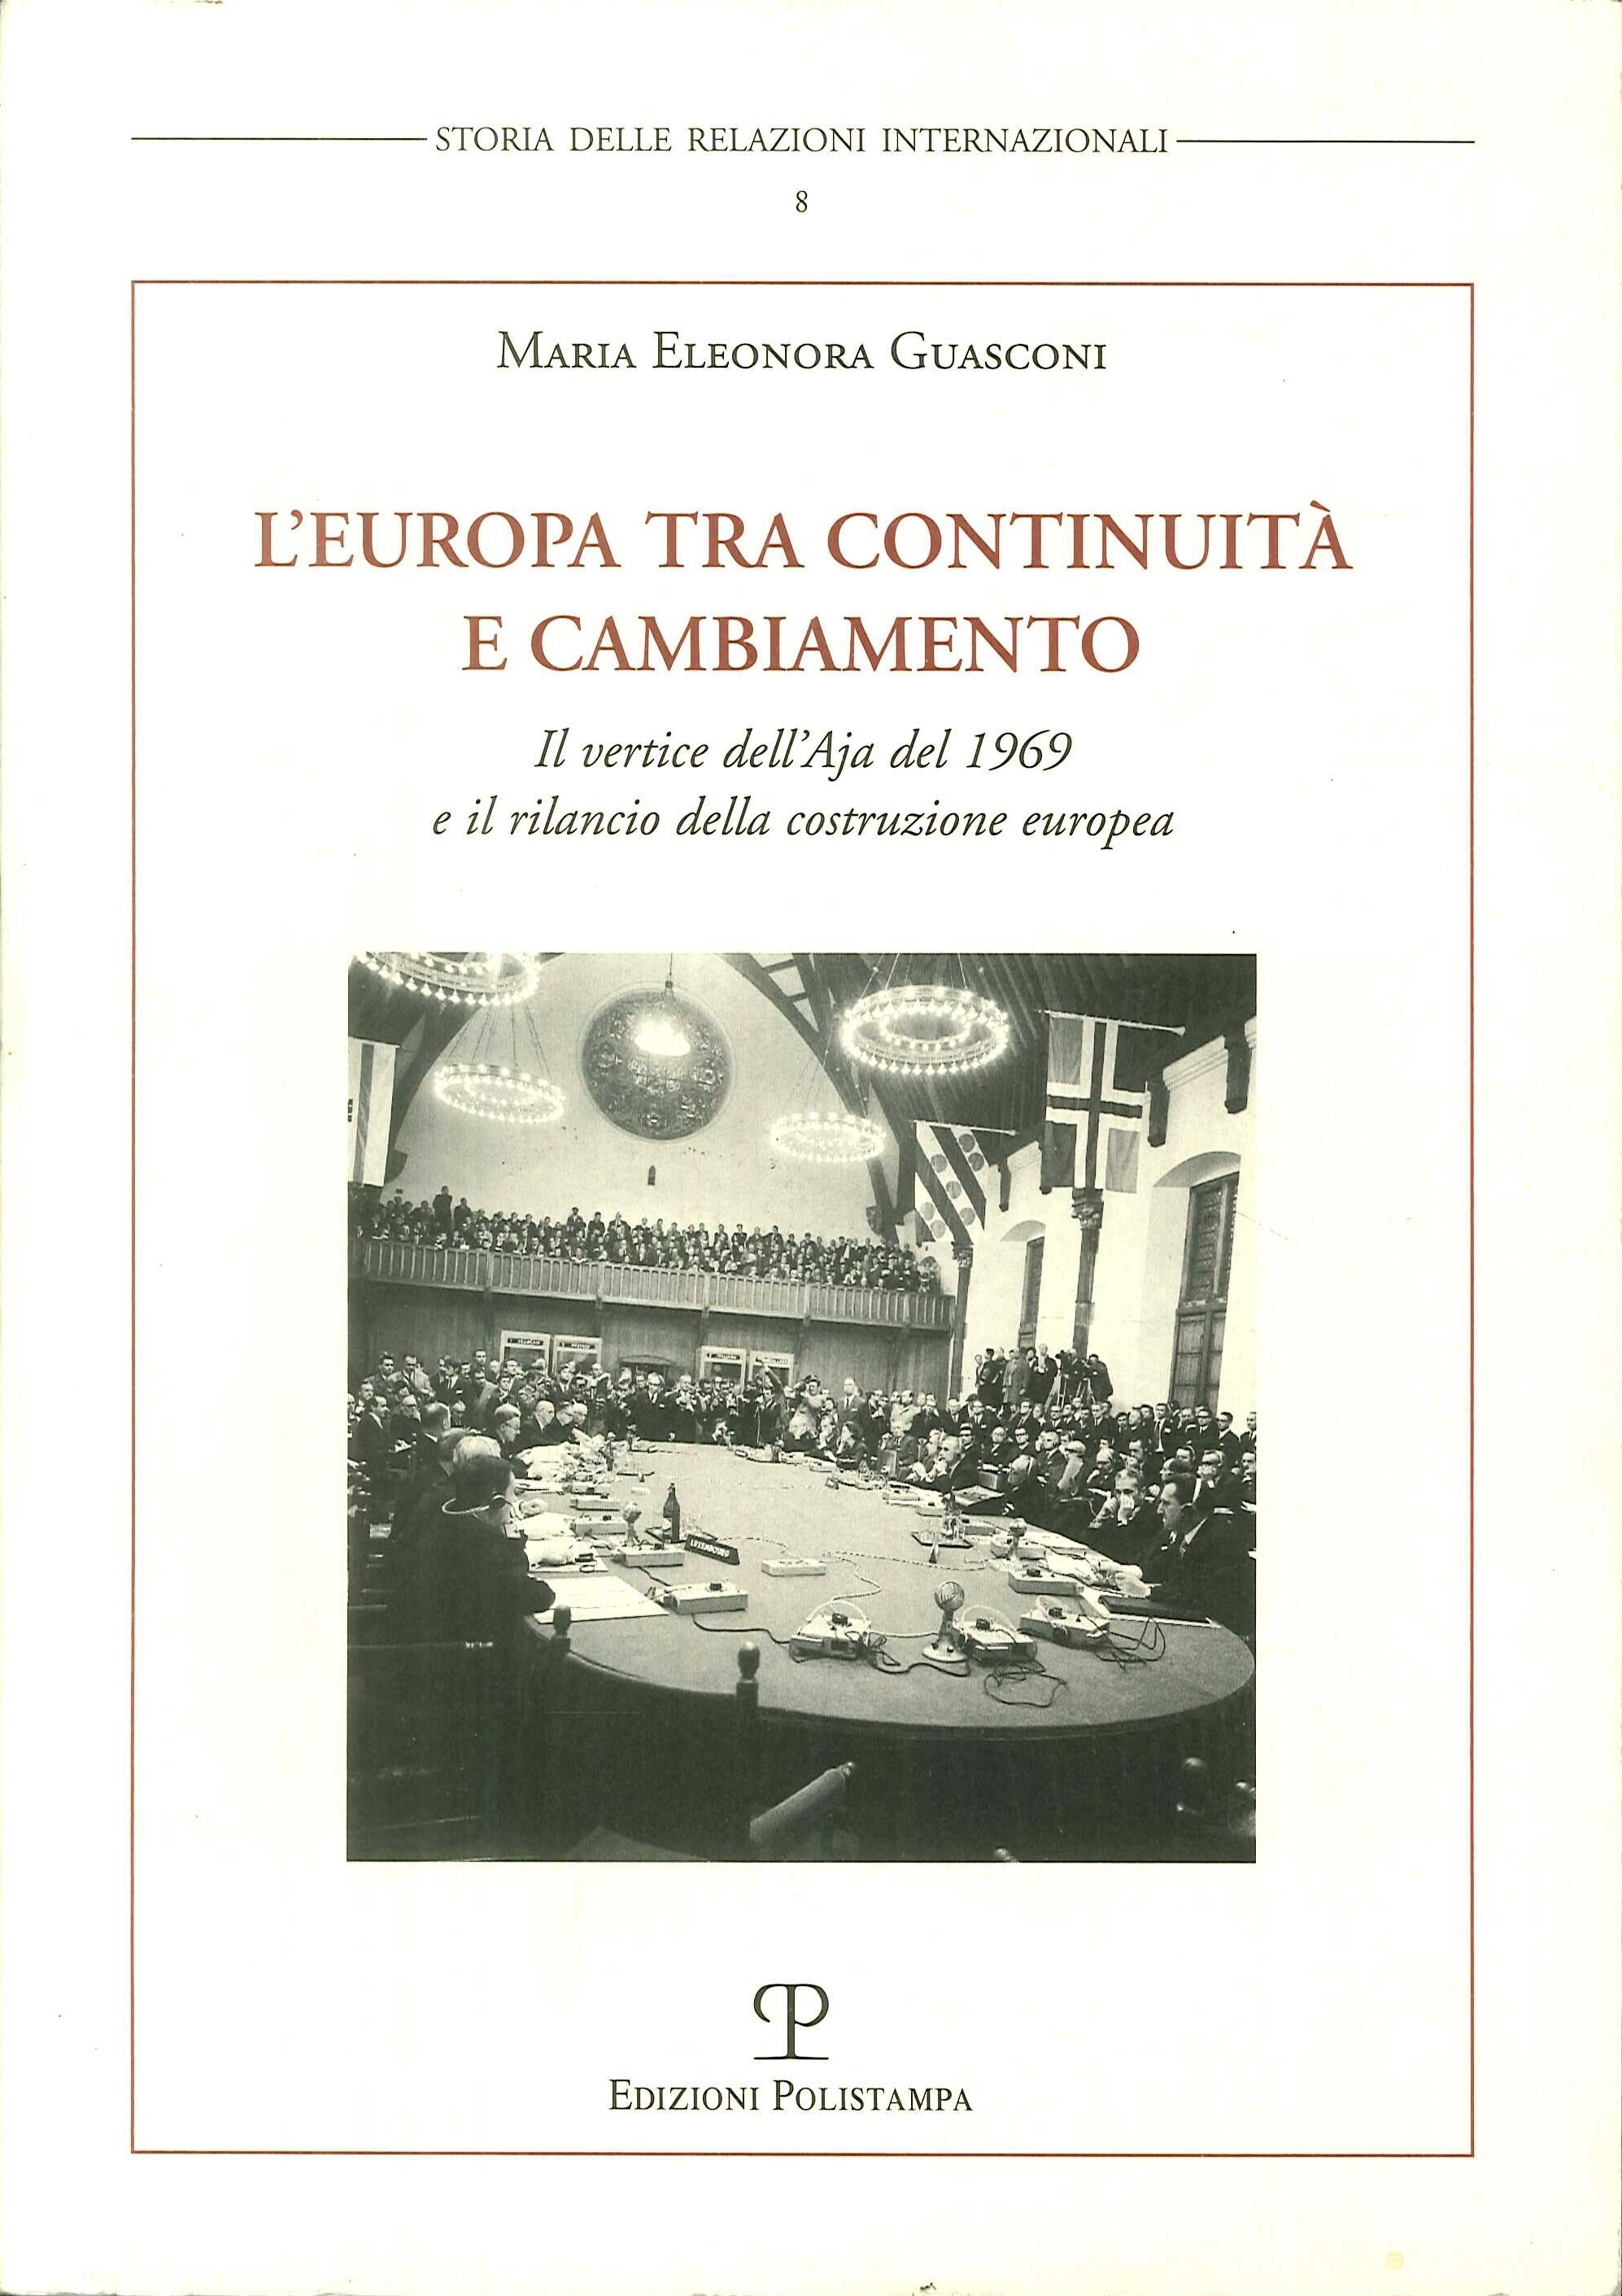 L'Europa tra continuità e cambiamento. Il vertice dell'Aja del 1969 e il rilancio della costruzione europea.